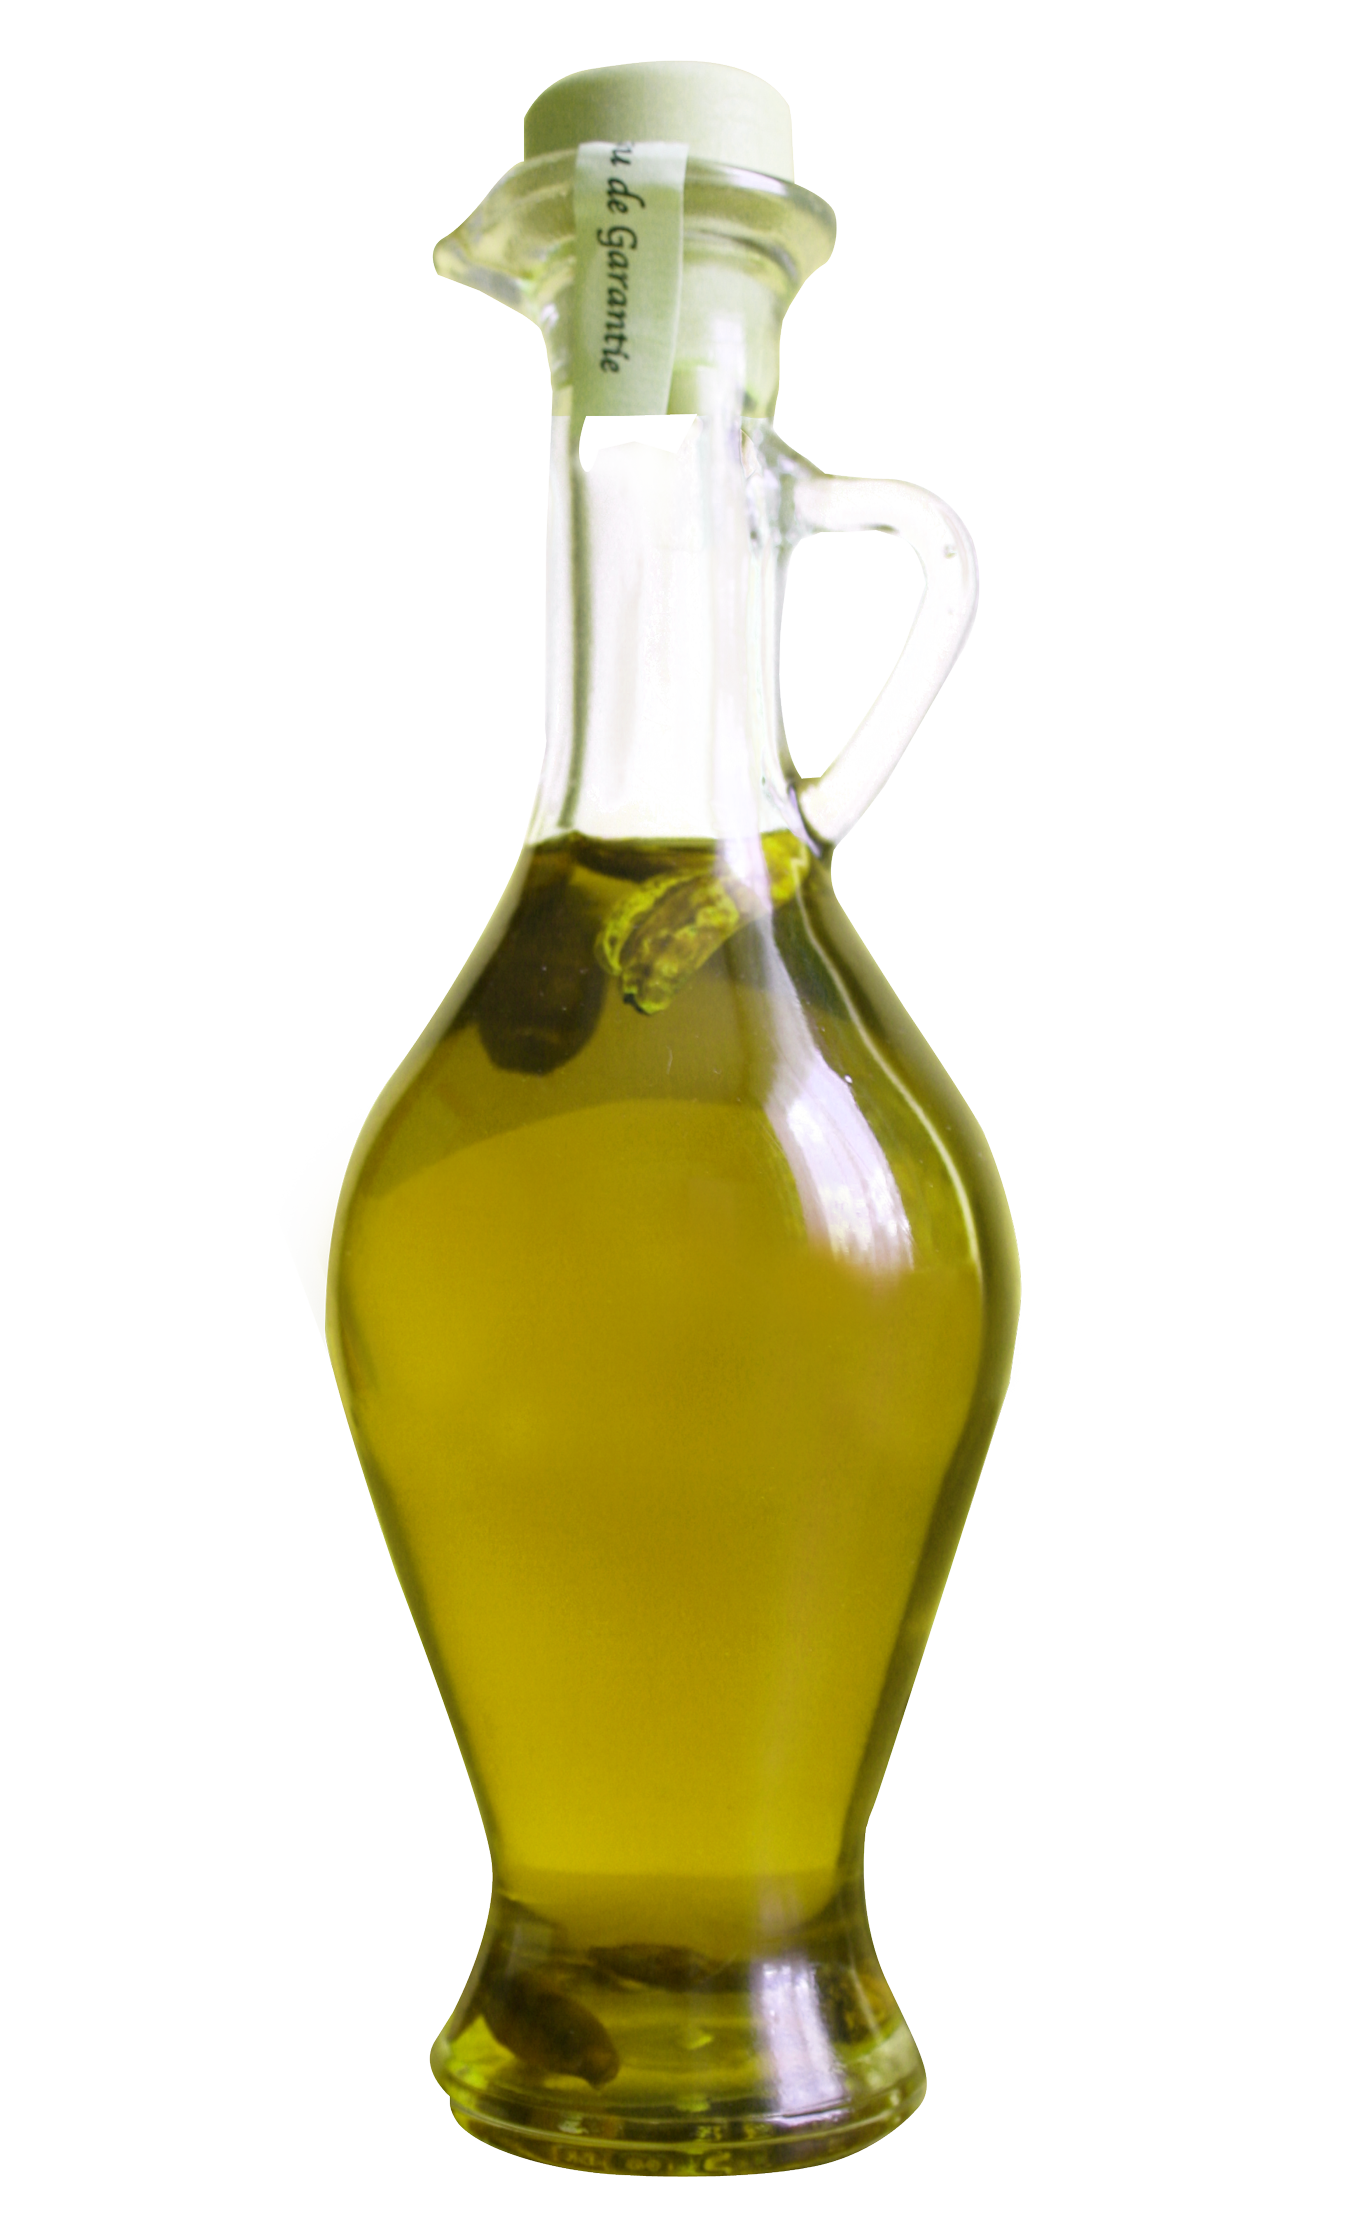 Olive Oil Png Image Olive Oil Bottles Oil Bottle Olive Oil